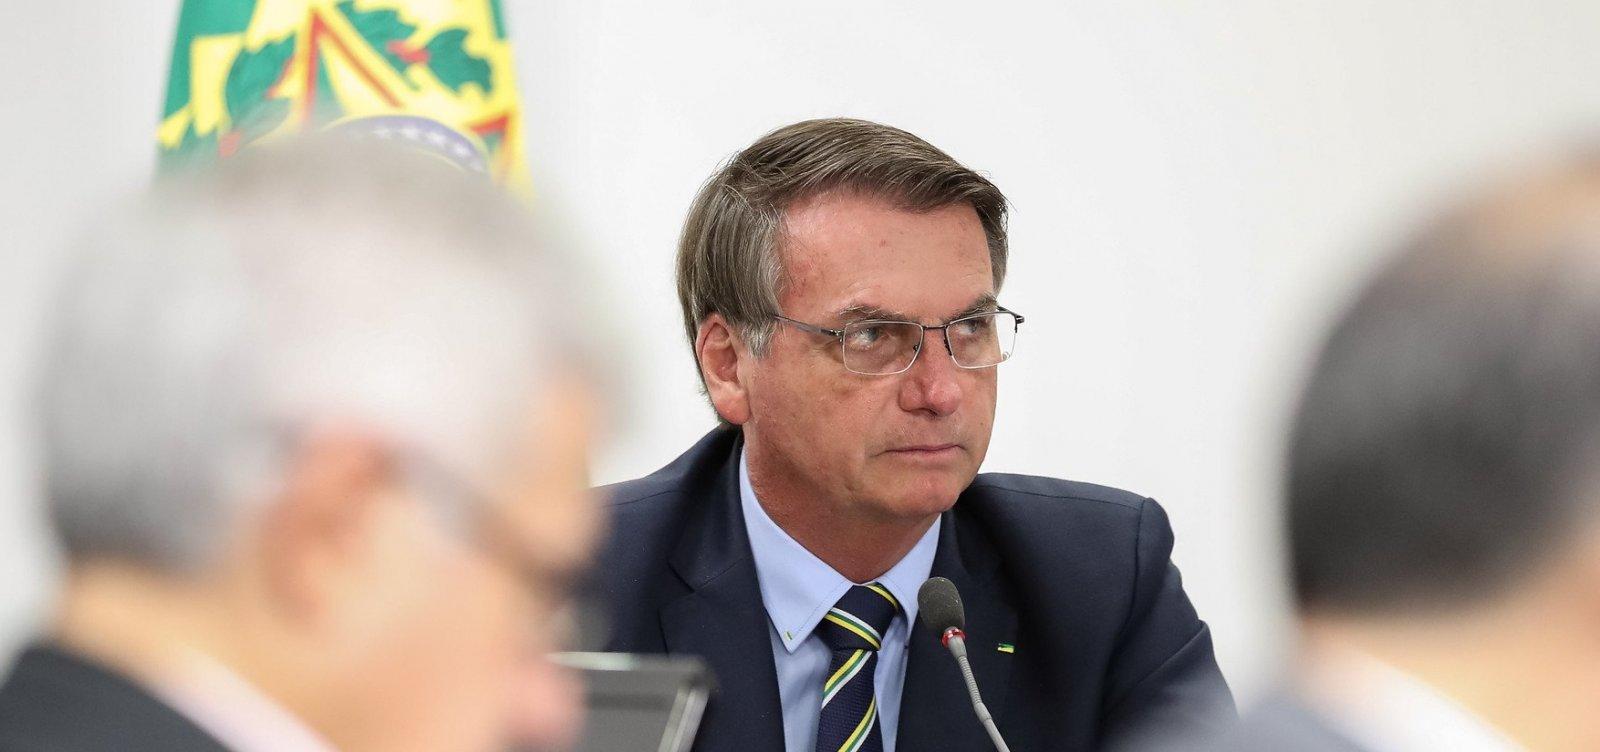 [Acusações de Moro contra Bolsonaro serão investigadas no STF, decide ministro]